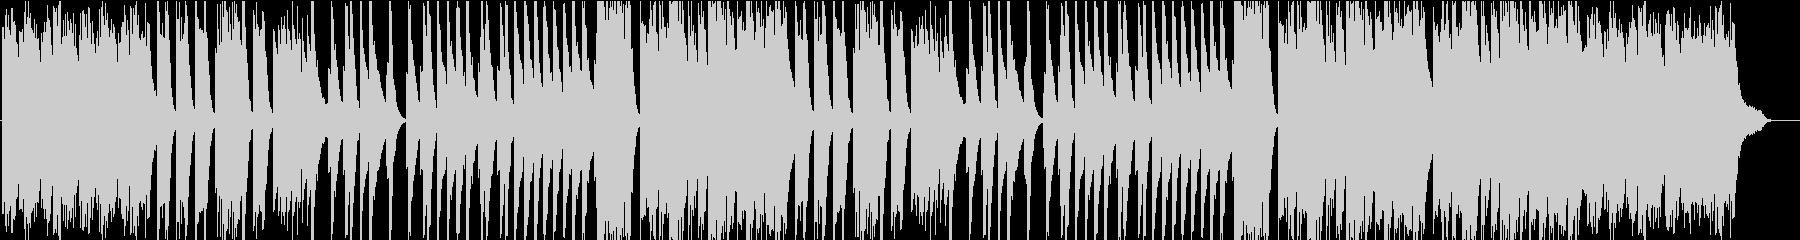 恋愛ドラマ・ゲーム/しっとり切ないピアノの未再生の波形